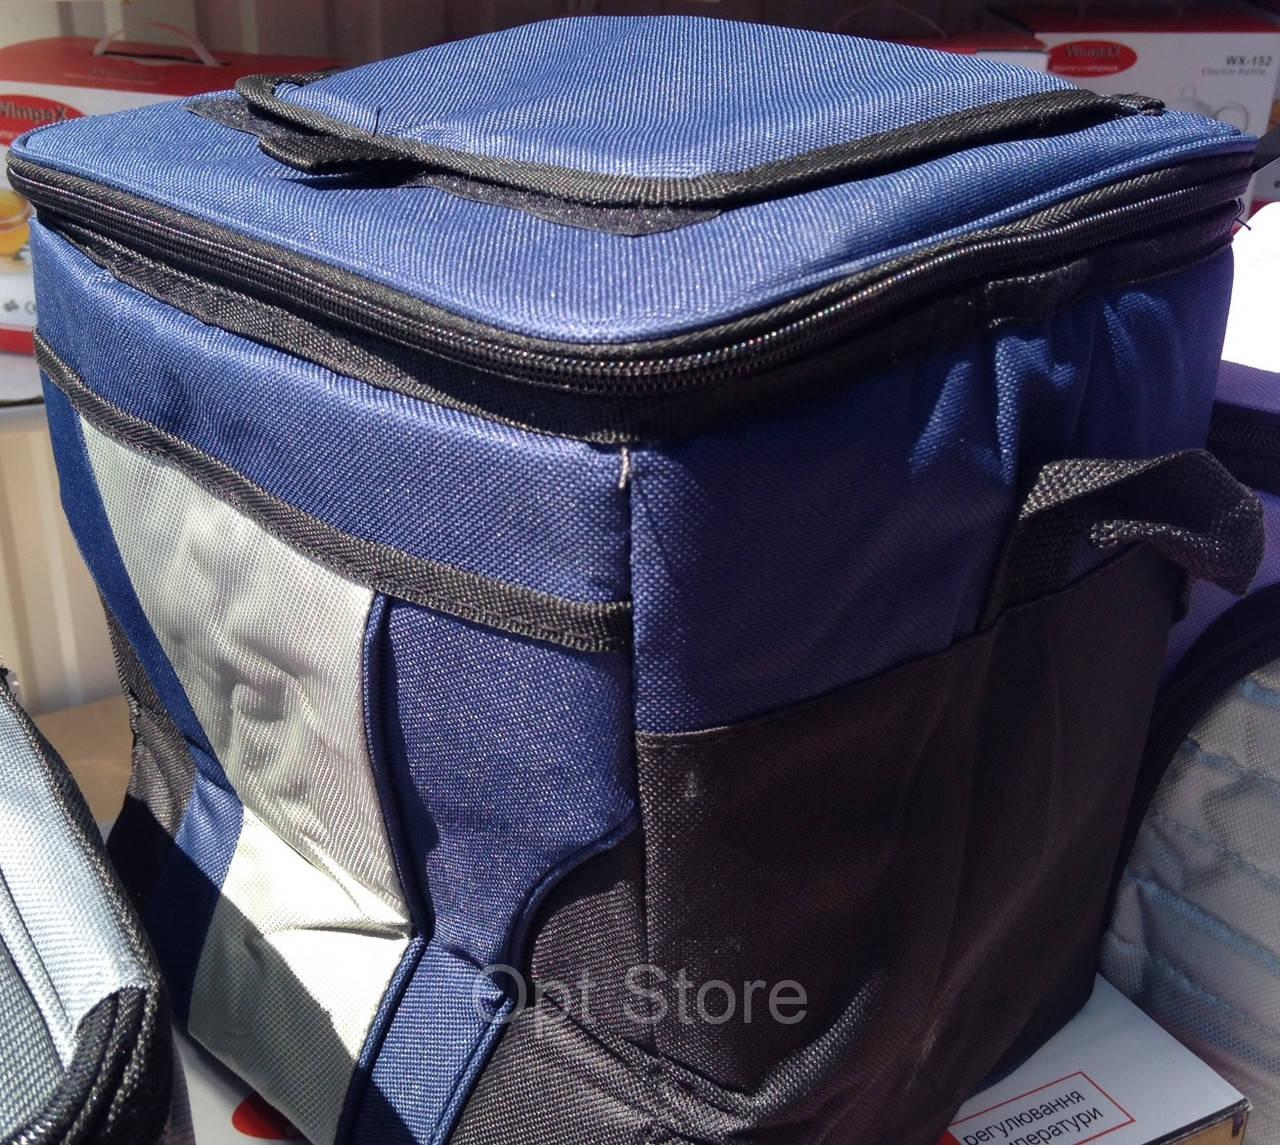 Изотермическая сумка холодильник, термосумка COOLING BAG COOLING BAG 379,  20л + Аккумулятор в подарок 19362163028